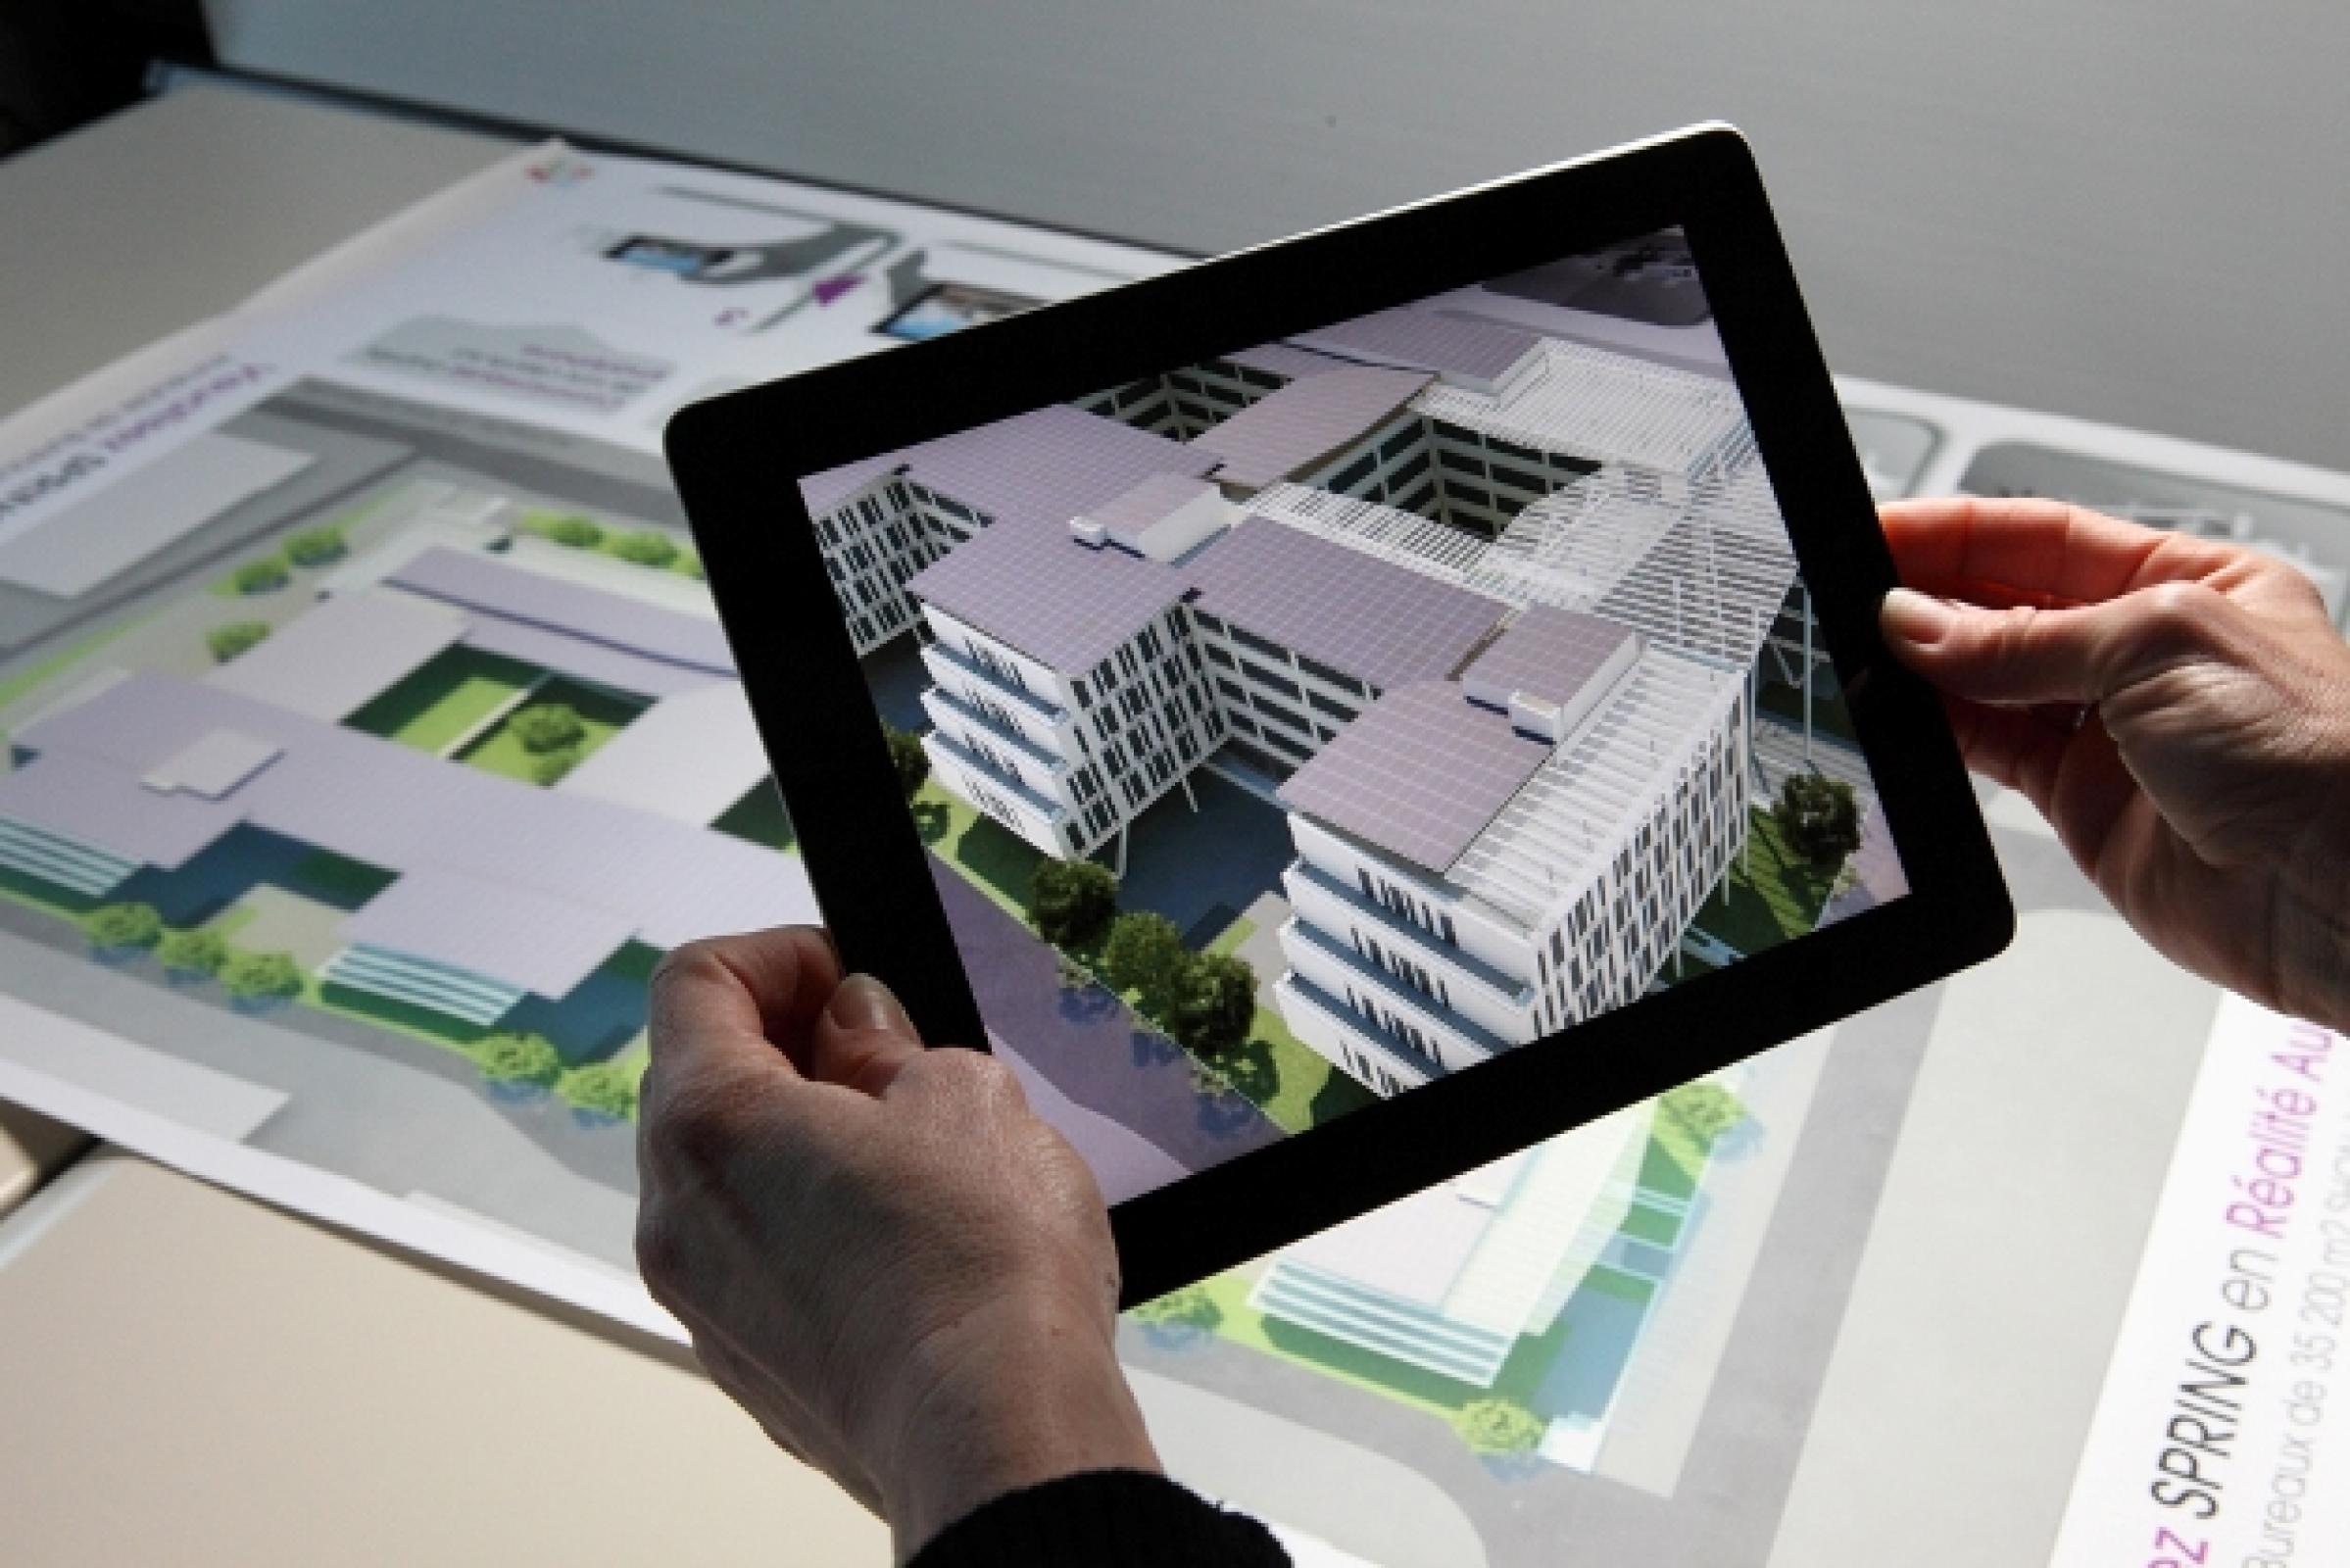 realidad-aumentada-arquitectura